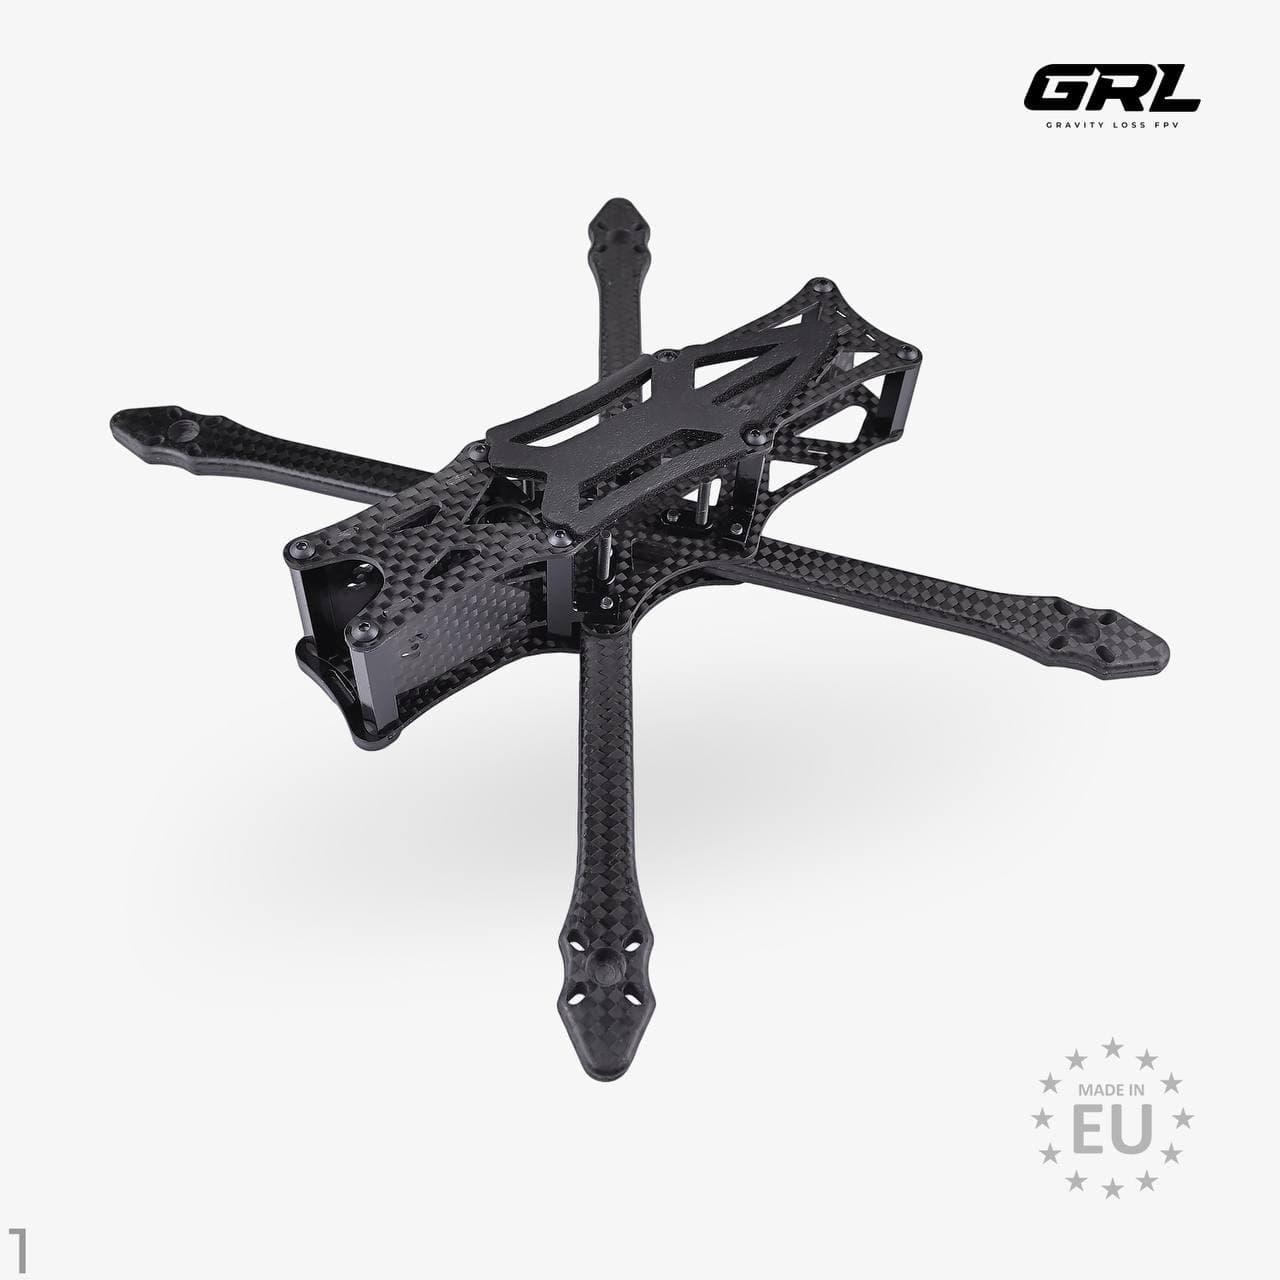 Корпус дрону зроблений власноруч з карбону